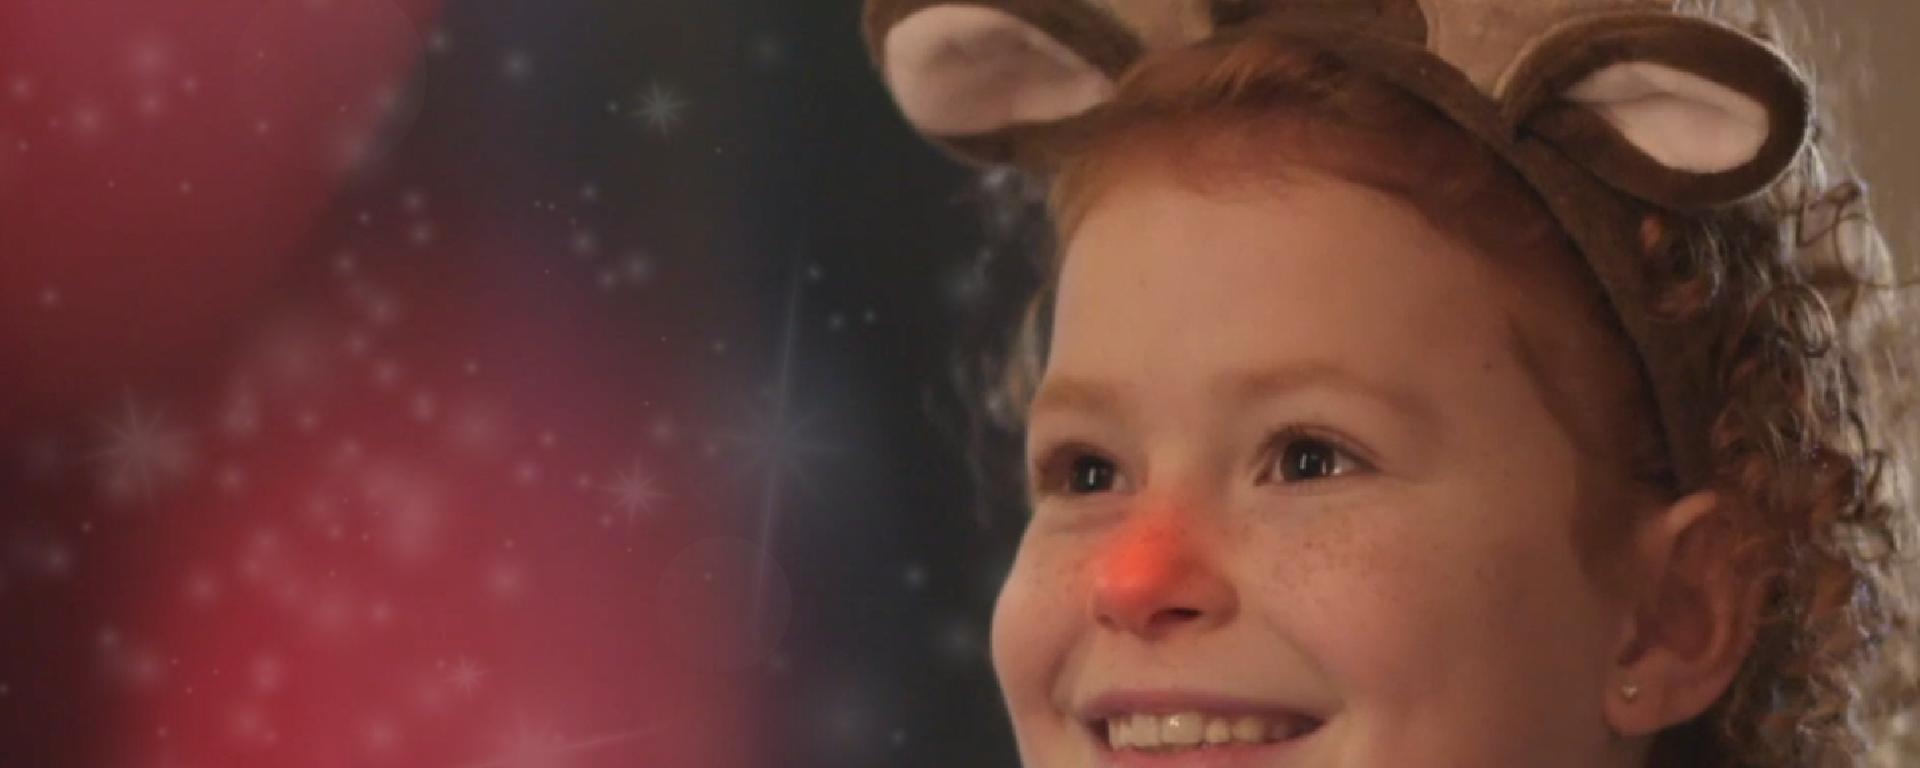 Lassen Sie sich von unserem Weihnachtsvideo verzaubern